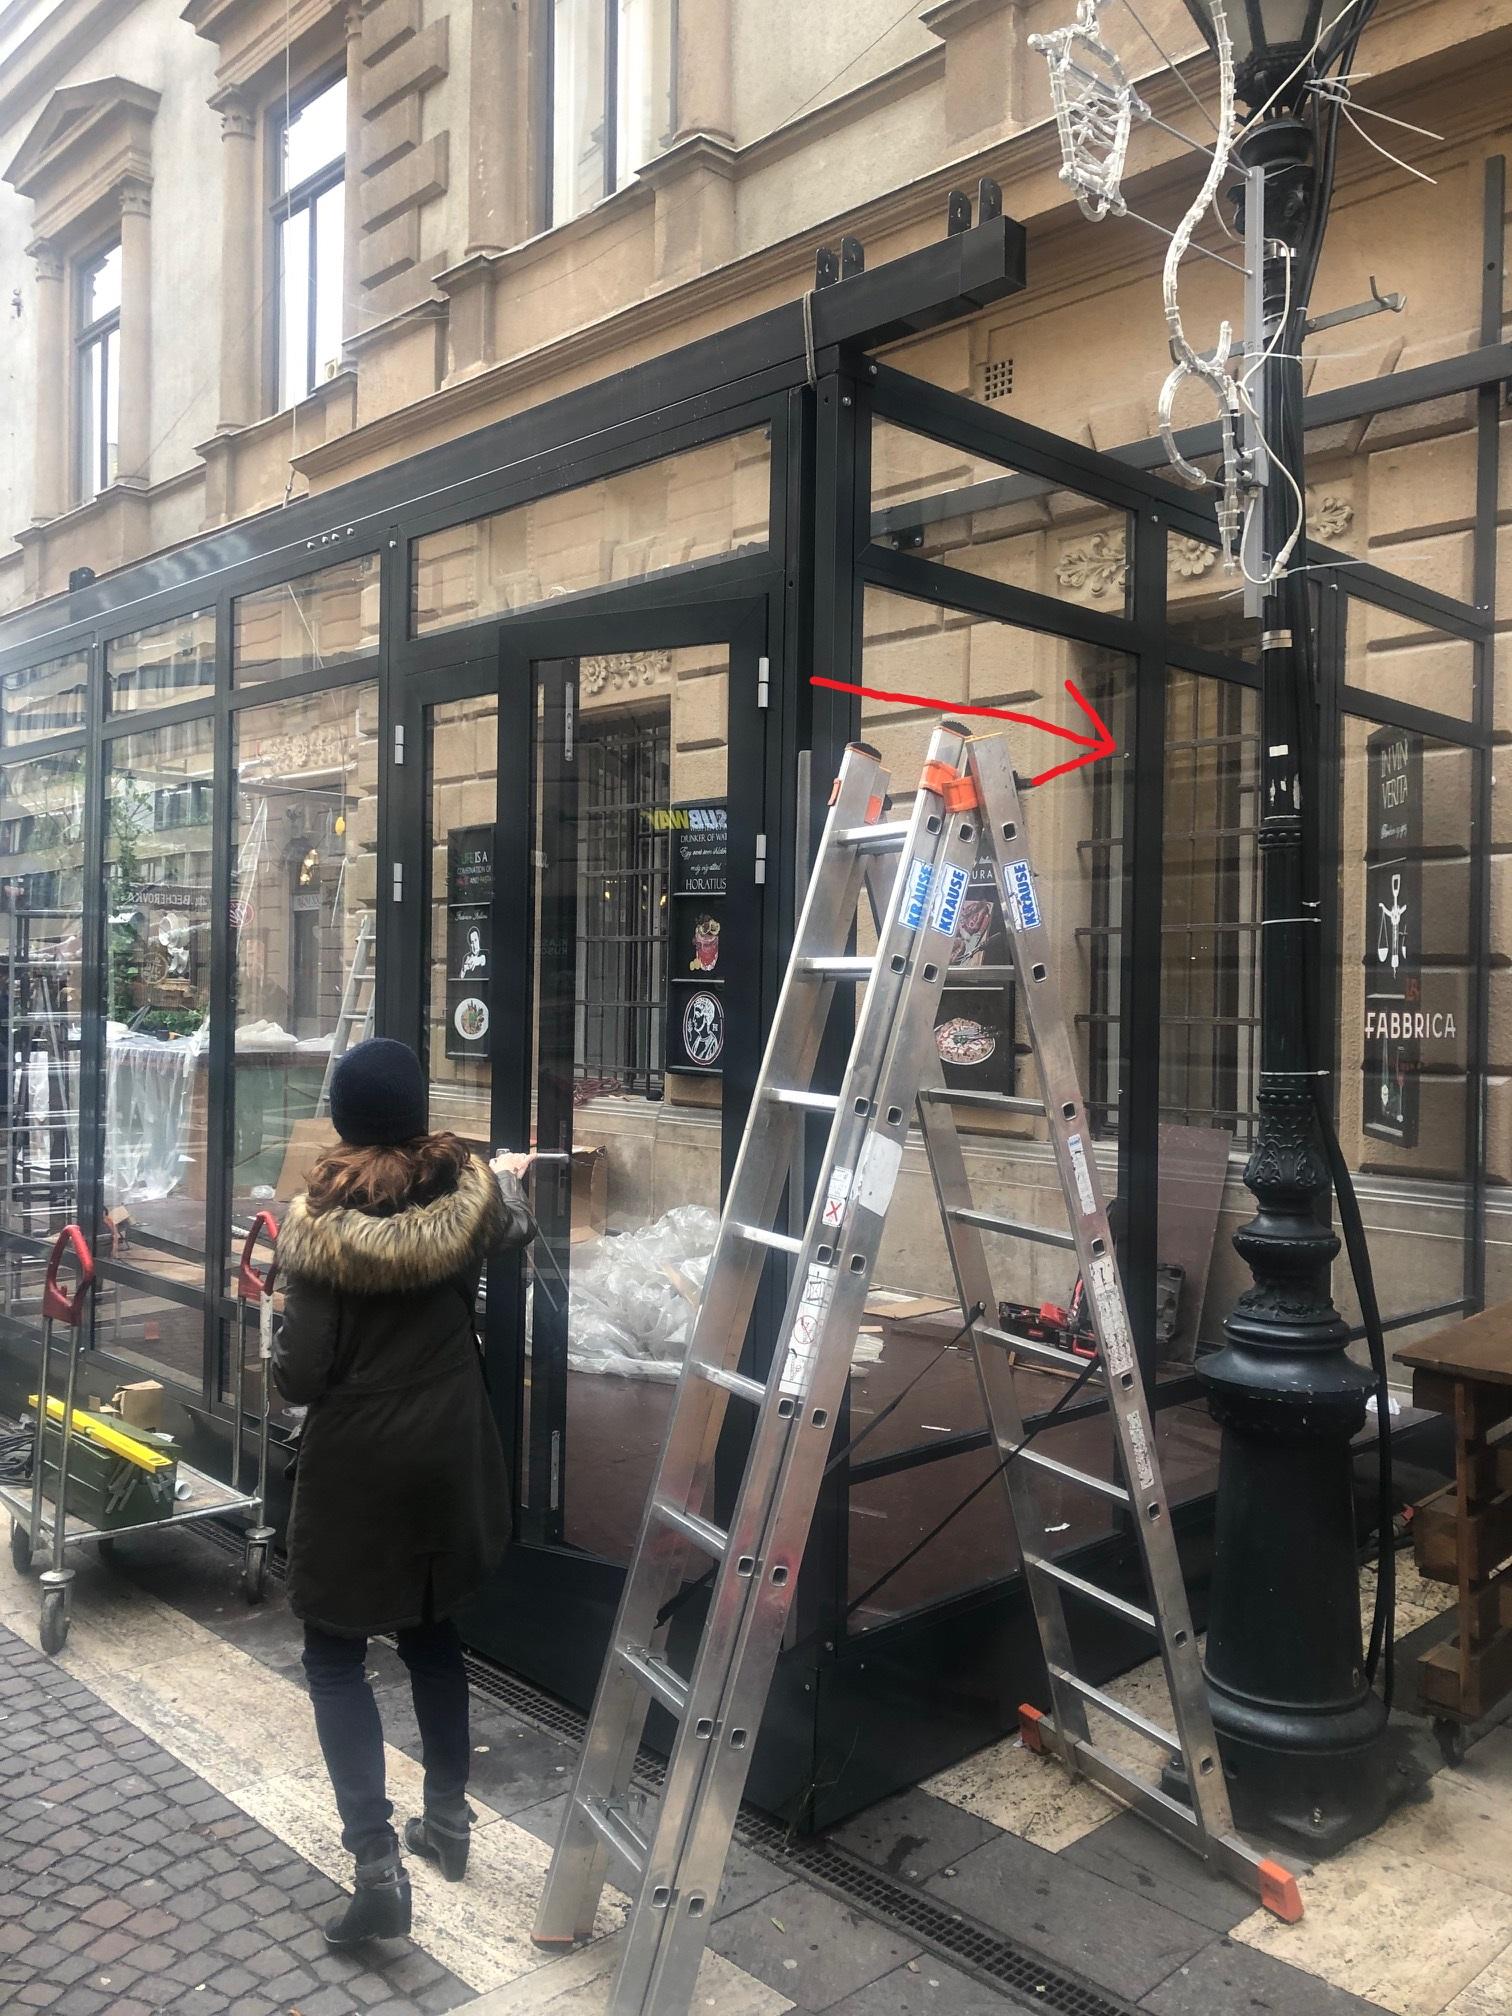 Nem hiszed el: egy étterem beépítette az ablakukat, ha kinyitják, egy kajálda belterébe néznek